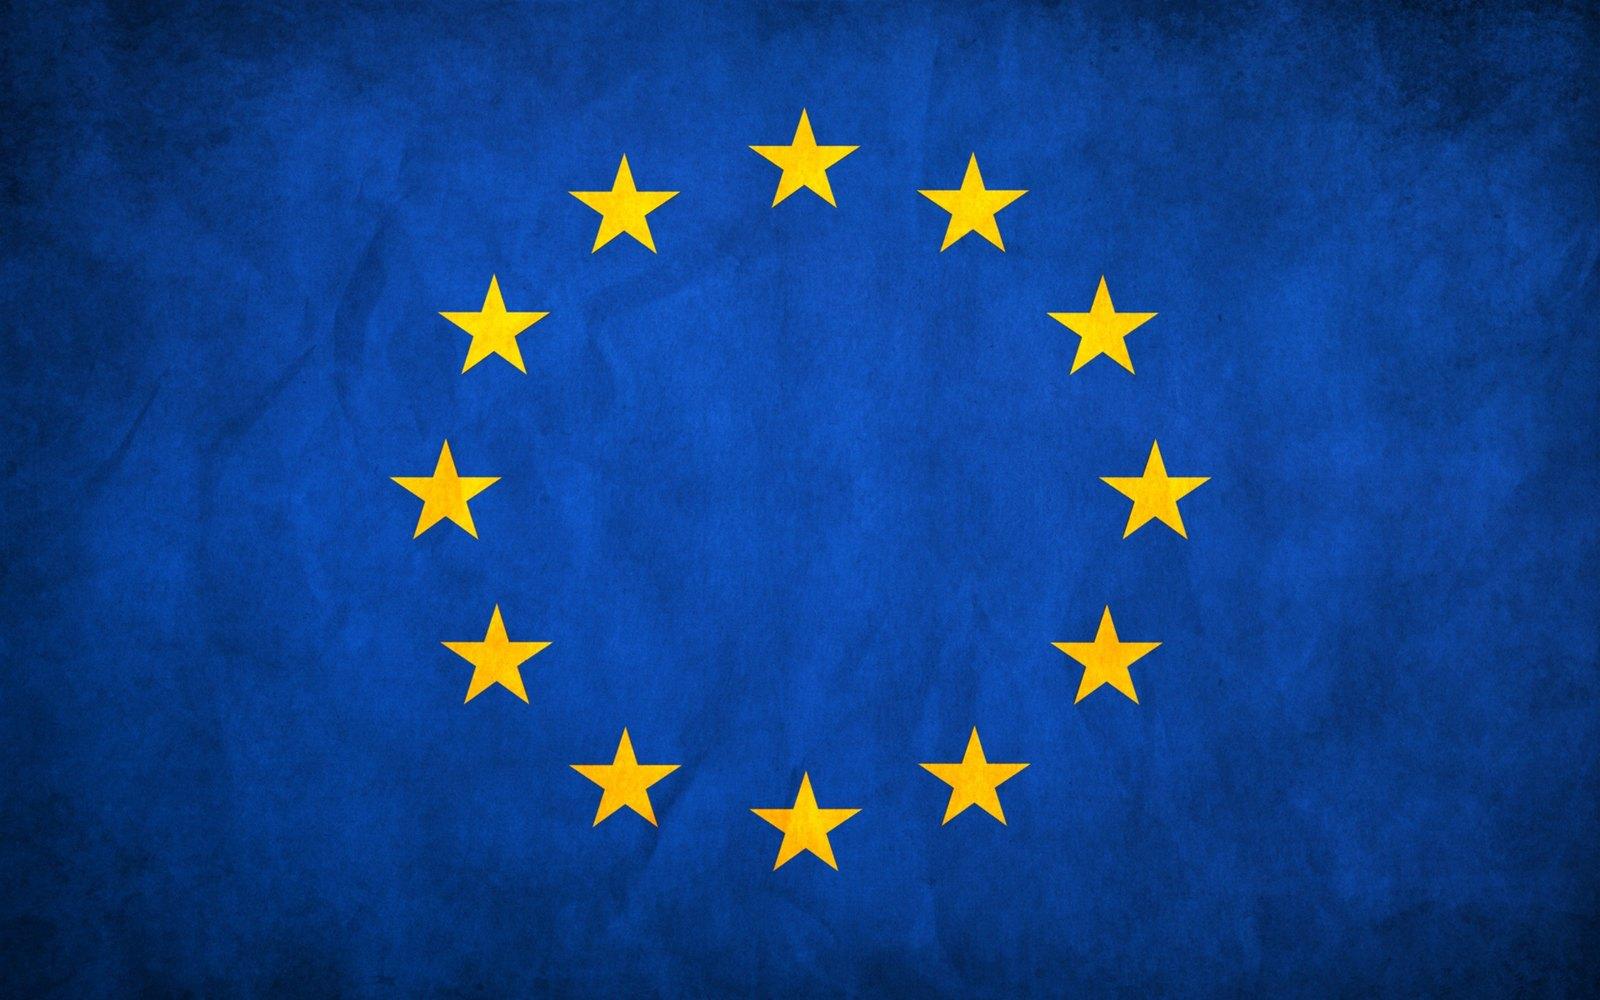 european_union_flag-1483895-1920x1200